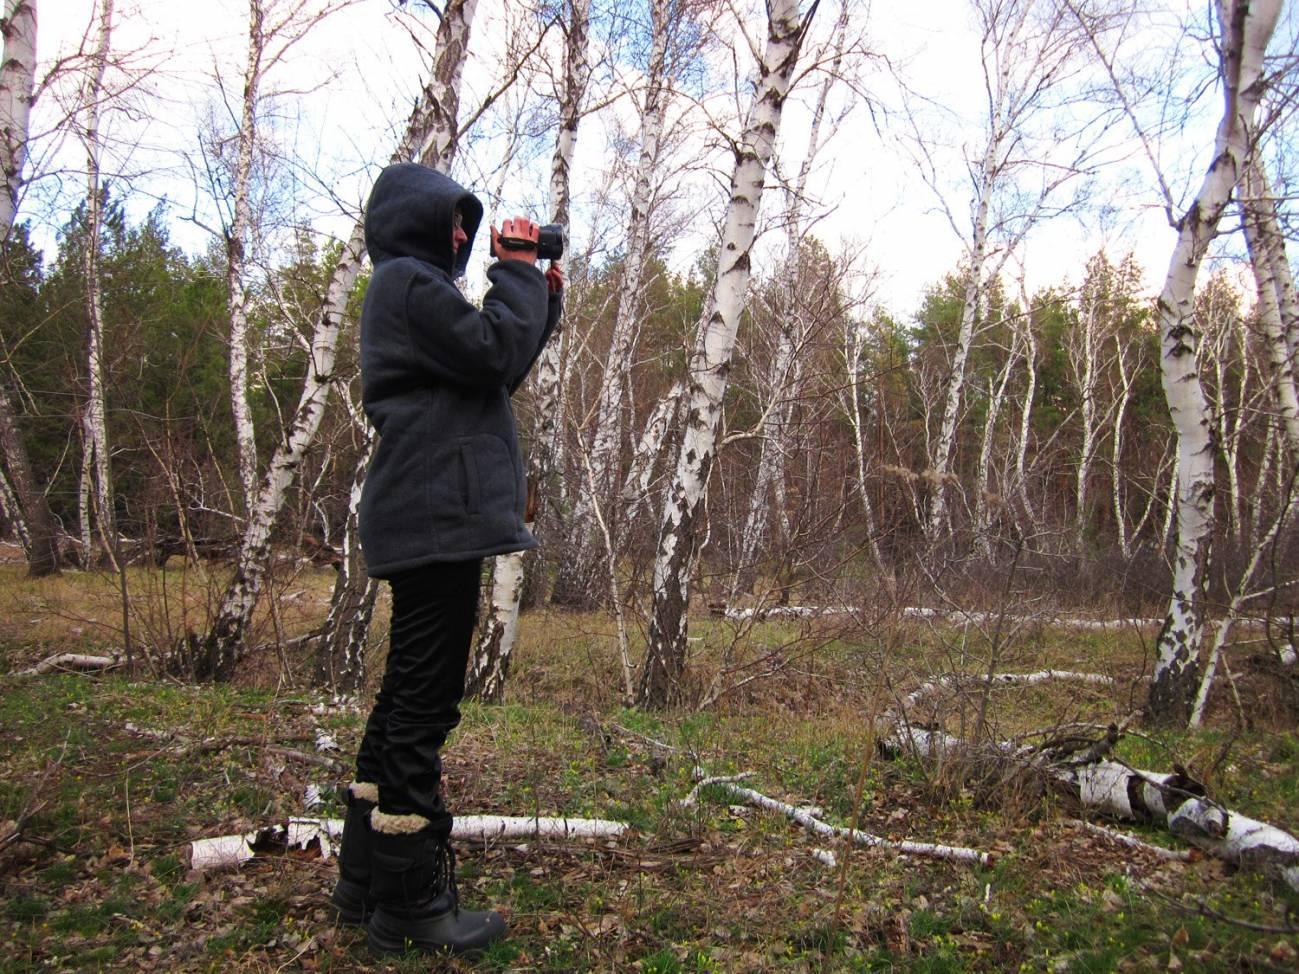 Видеоблогер снимает поход на видеокамеру